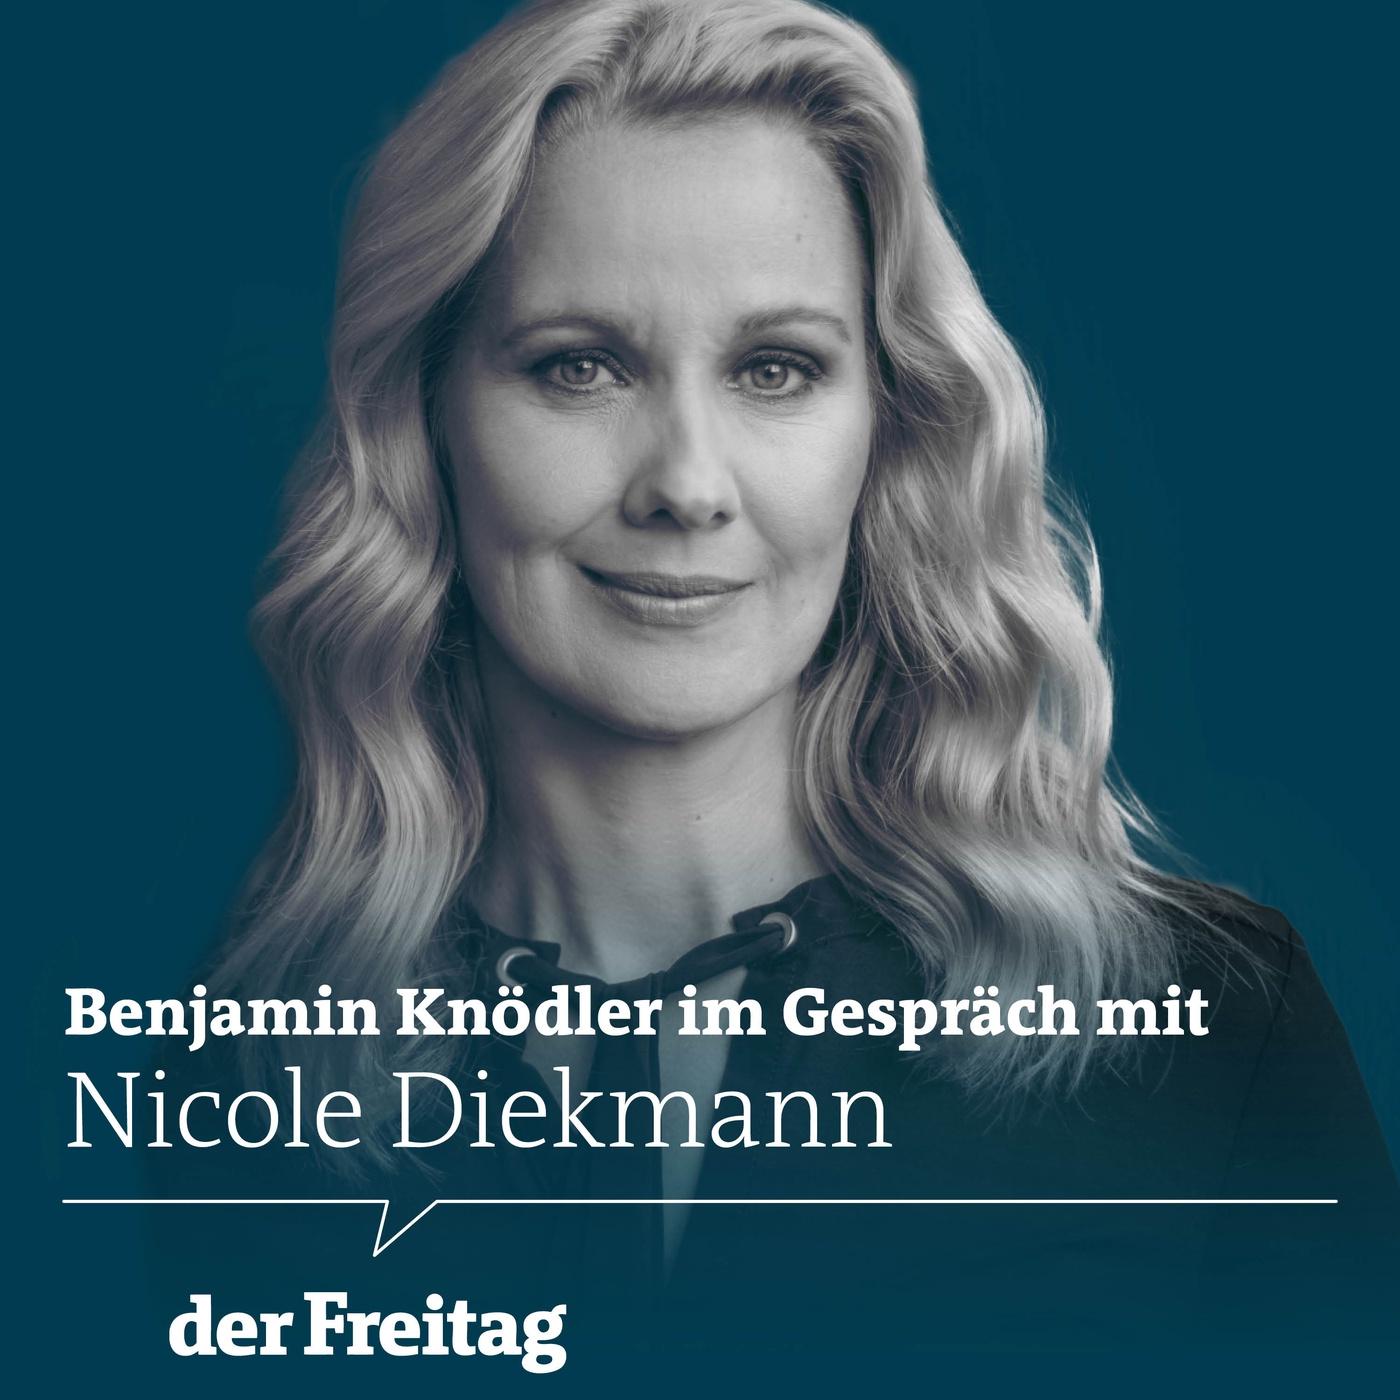 Nicole Diekmann im Gespräch über Hass und Hetze im Netz